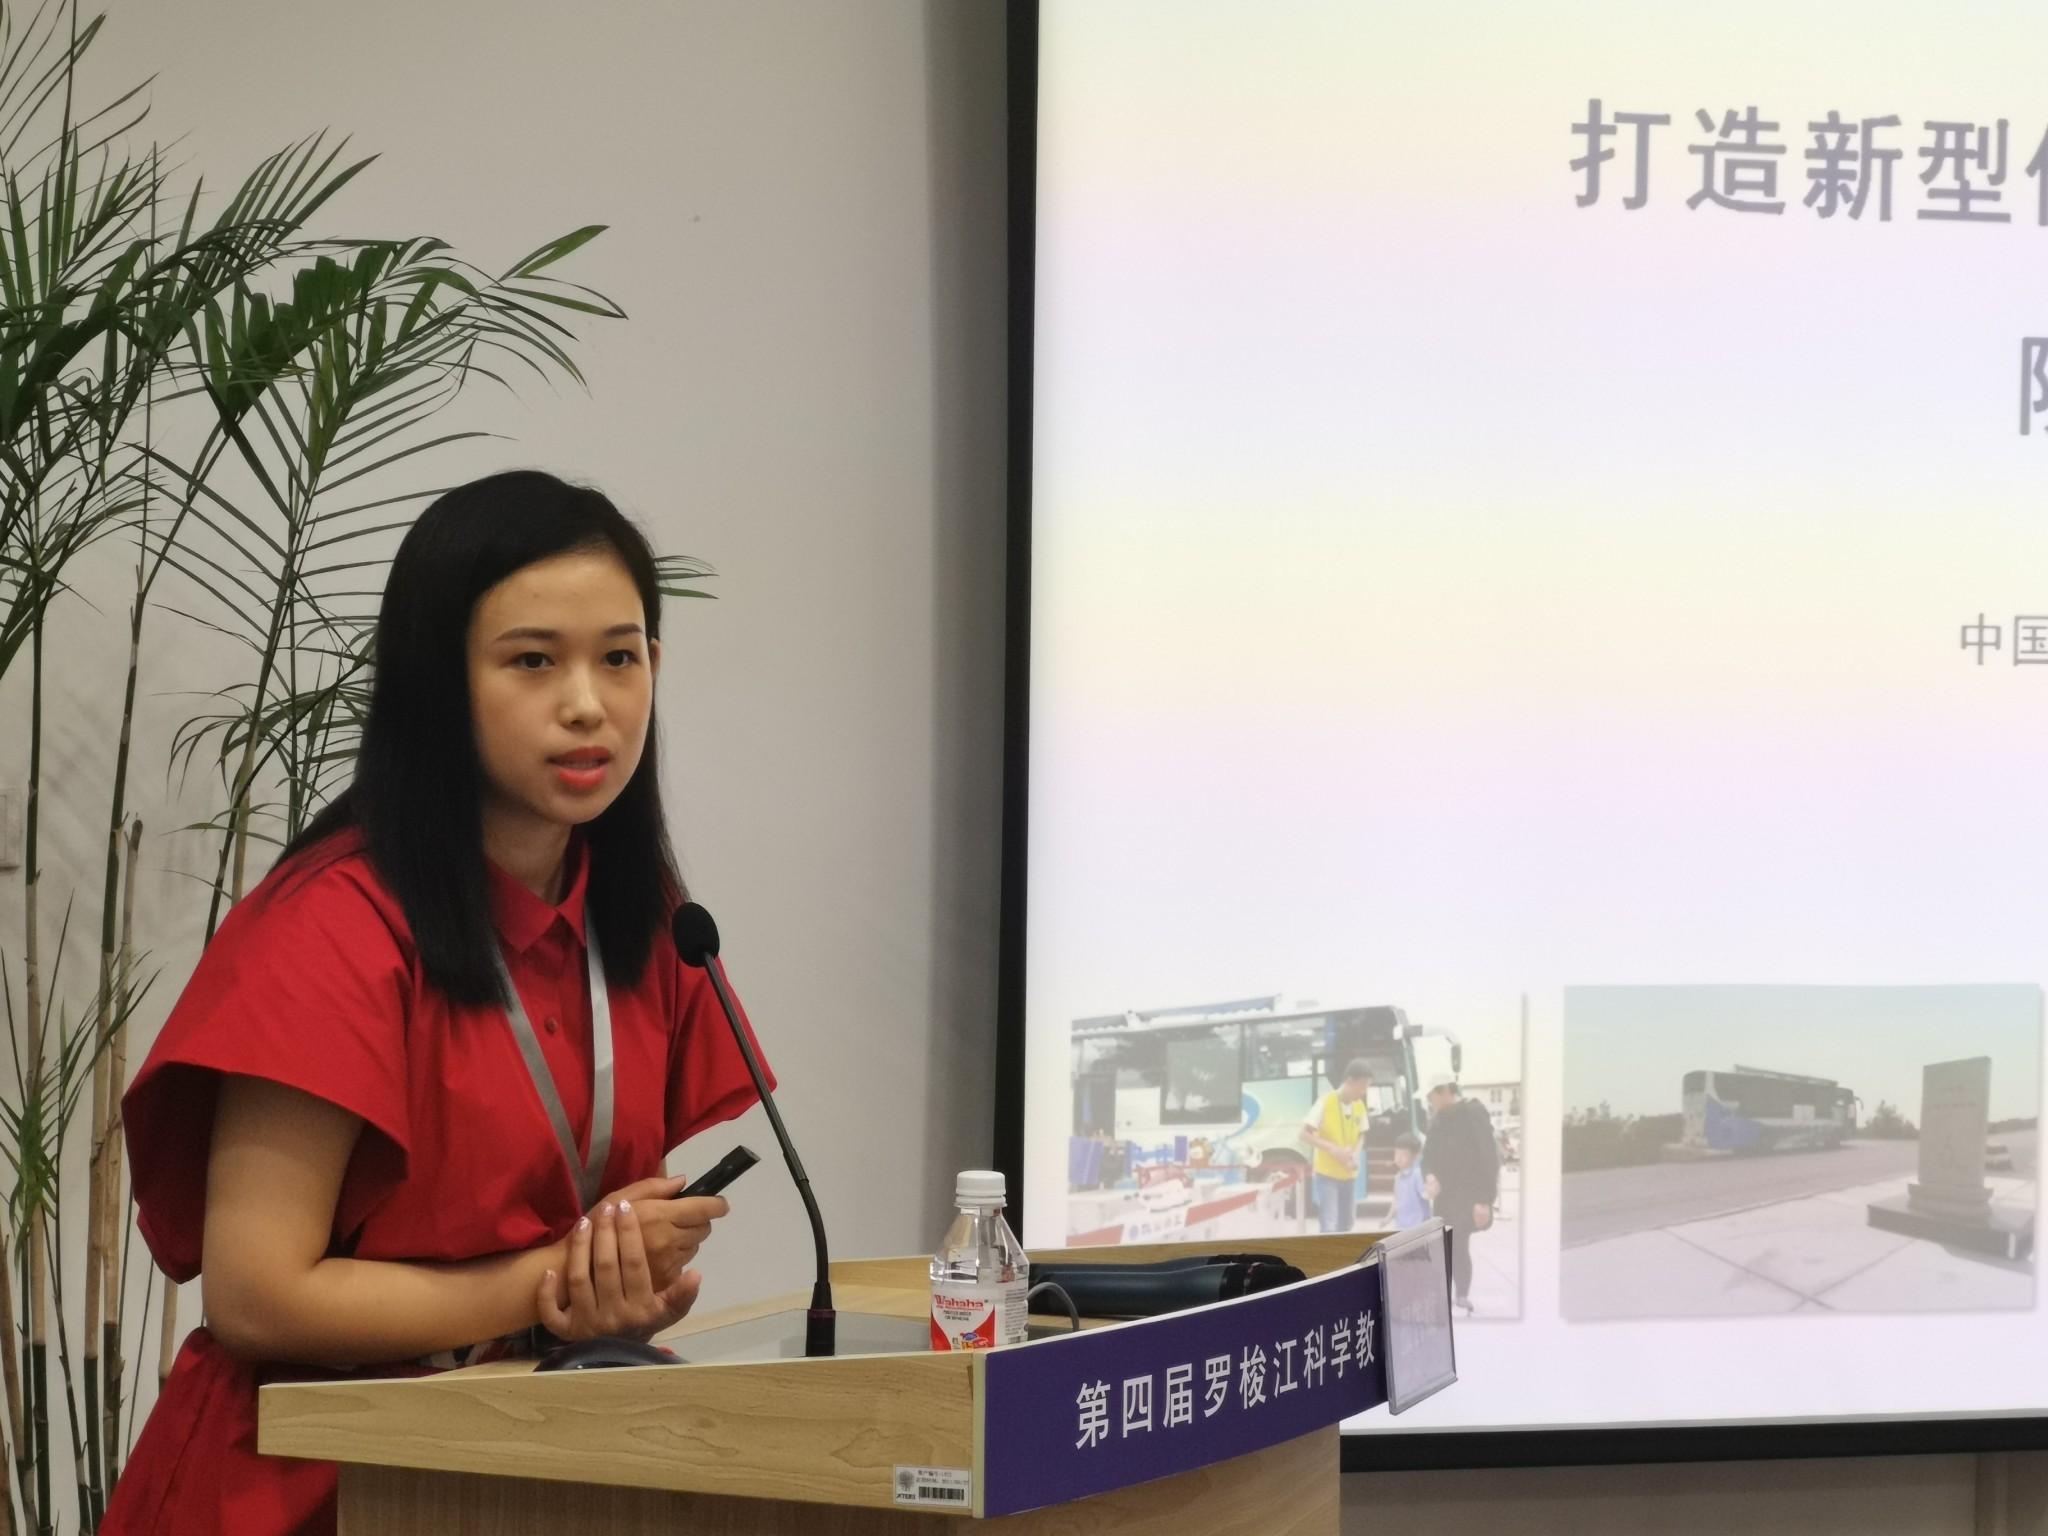 【专题报告】中科院行政管理局  胡吉:打造新型科普传播平台——以中国科学院科学快车为例